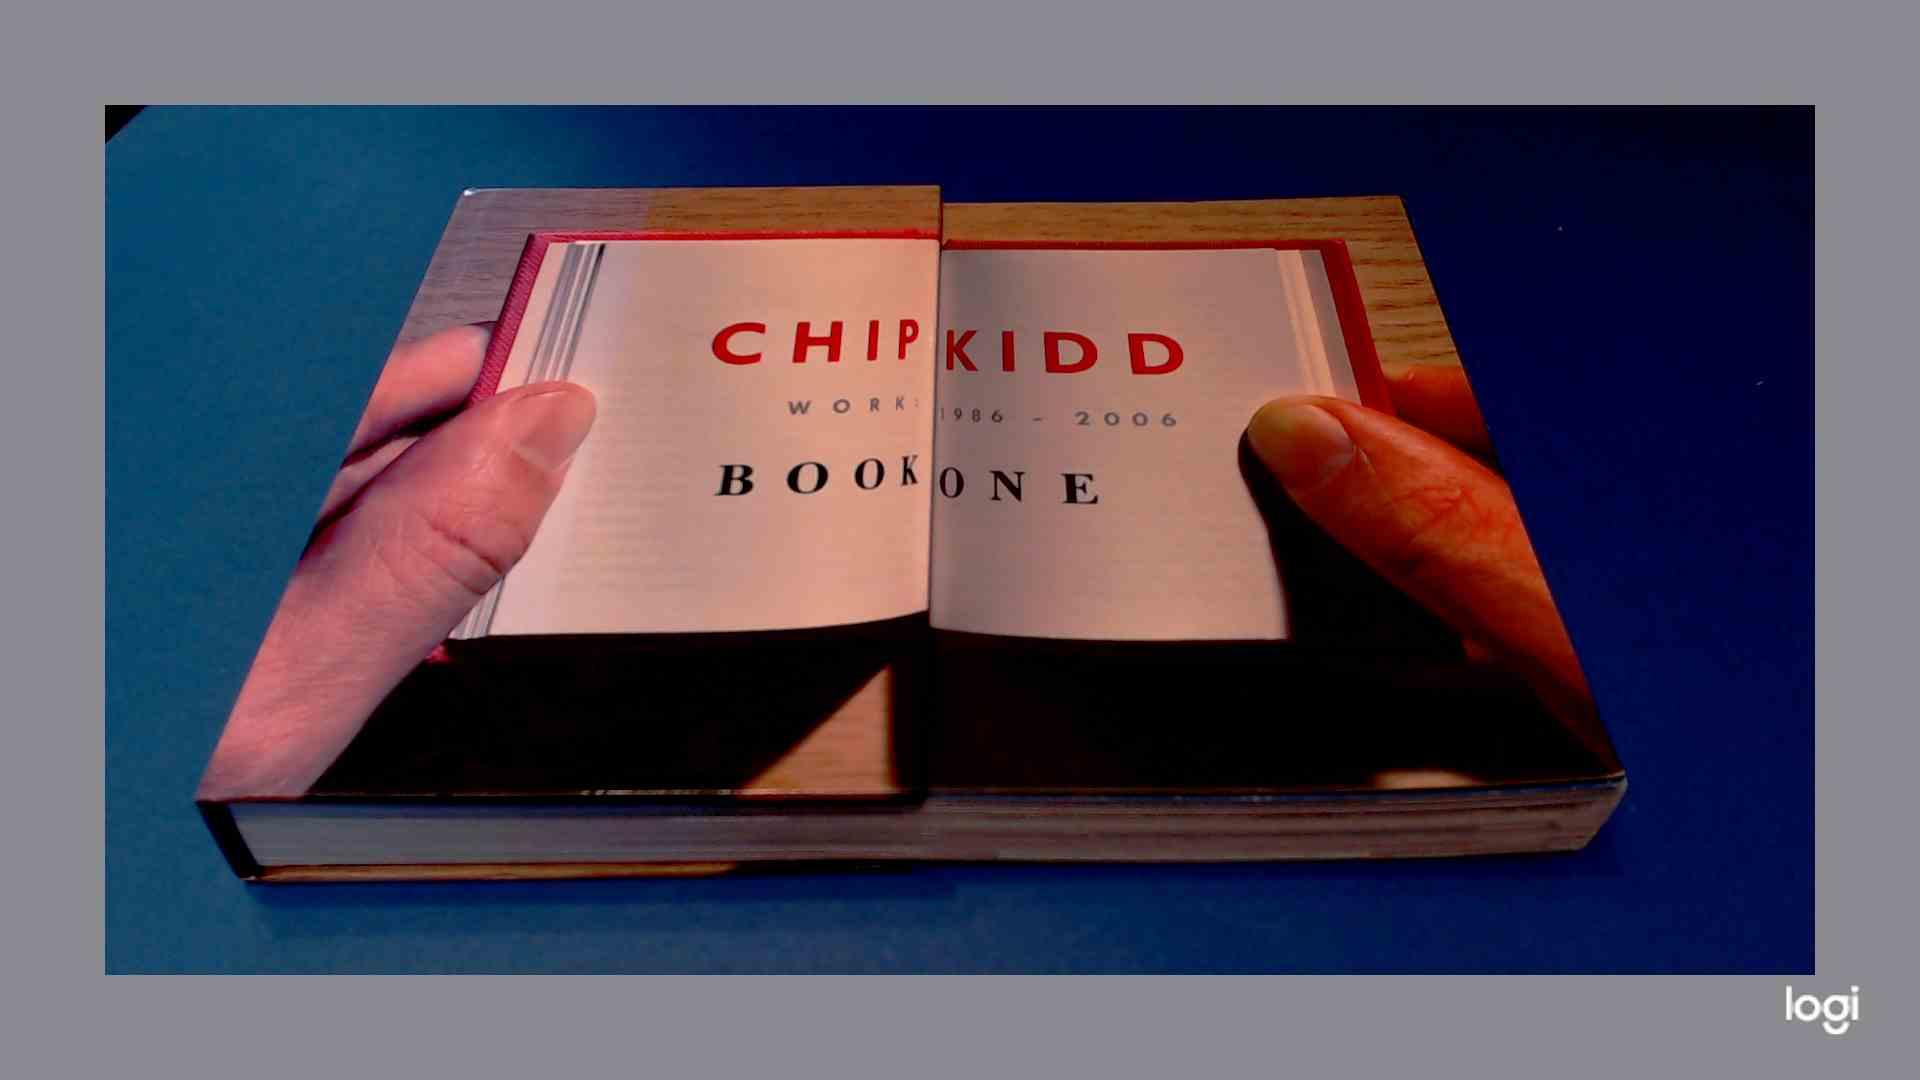 MELNICK, MARK - Chip Kidd - Book One : Work 1986 - 2006